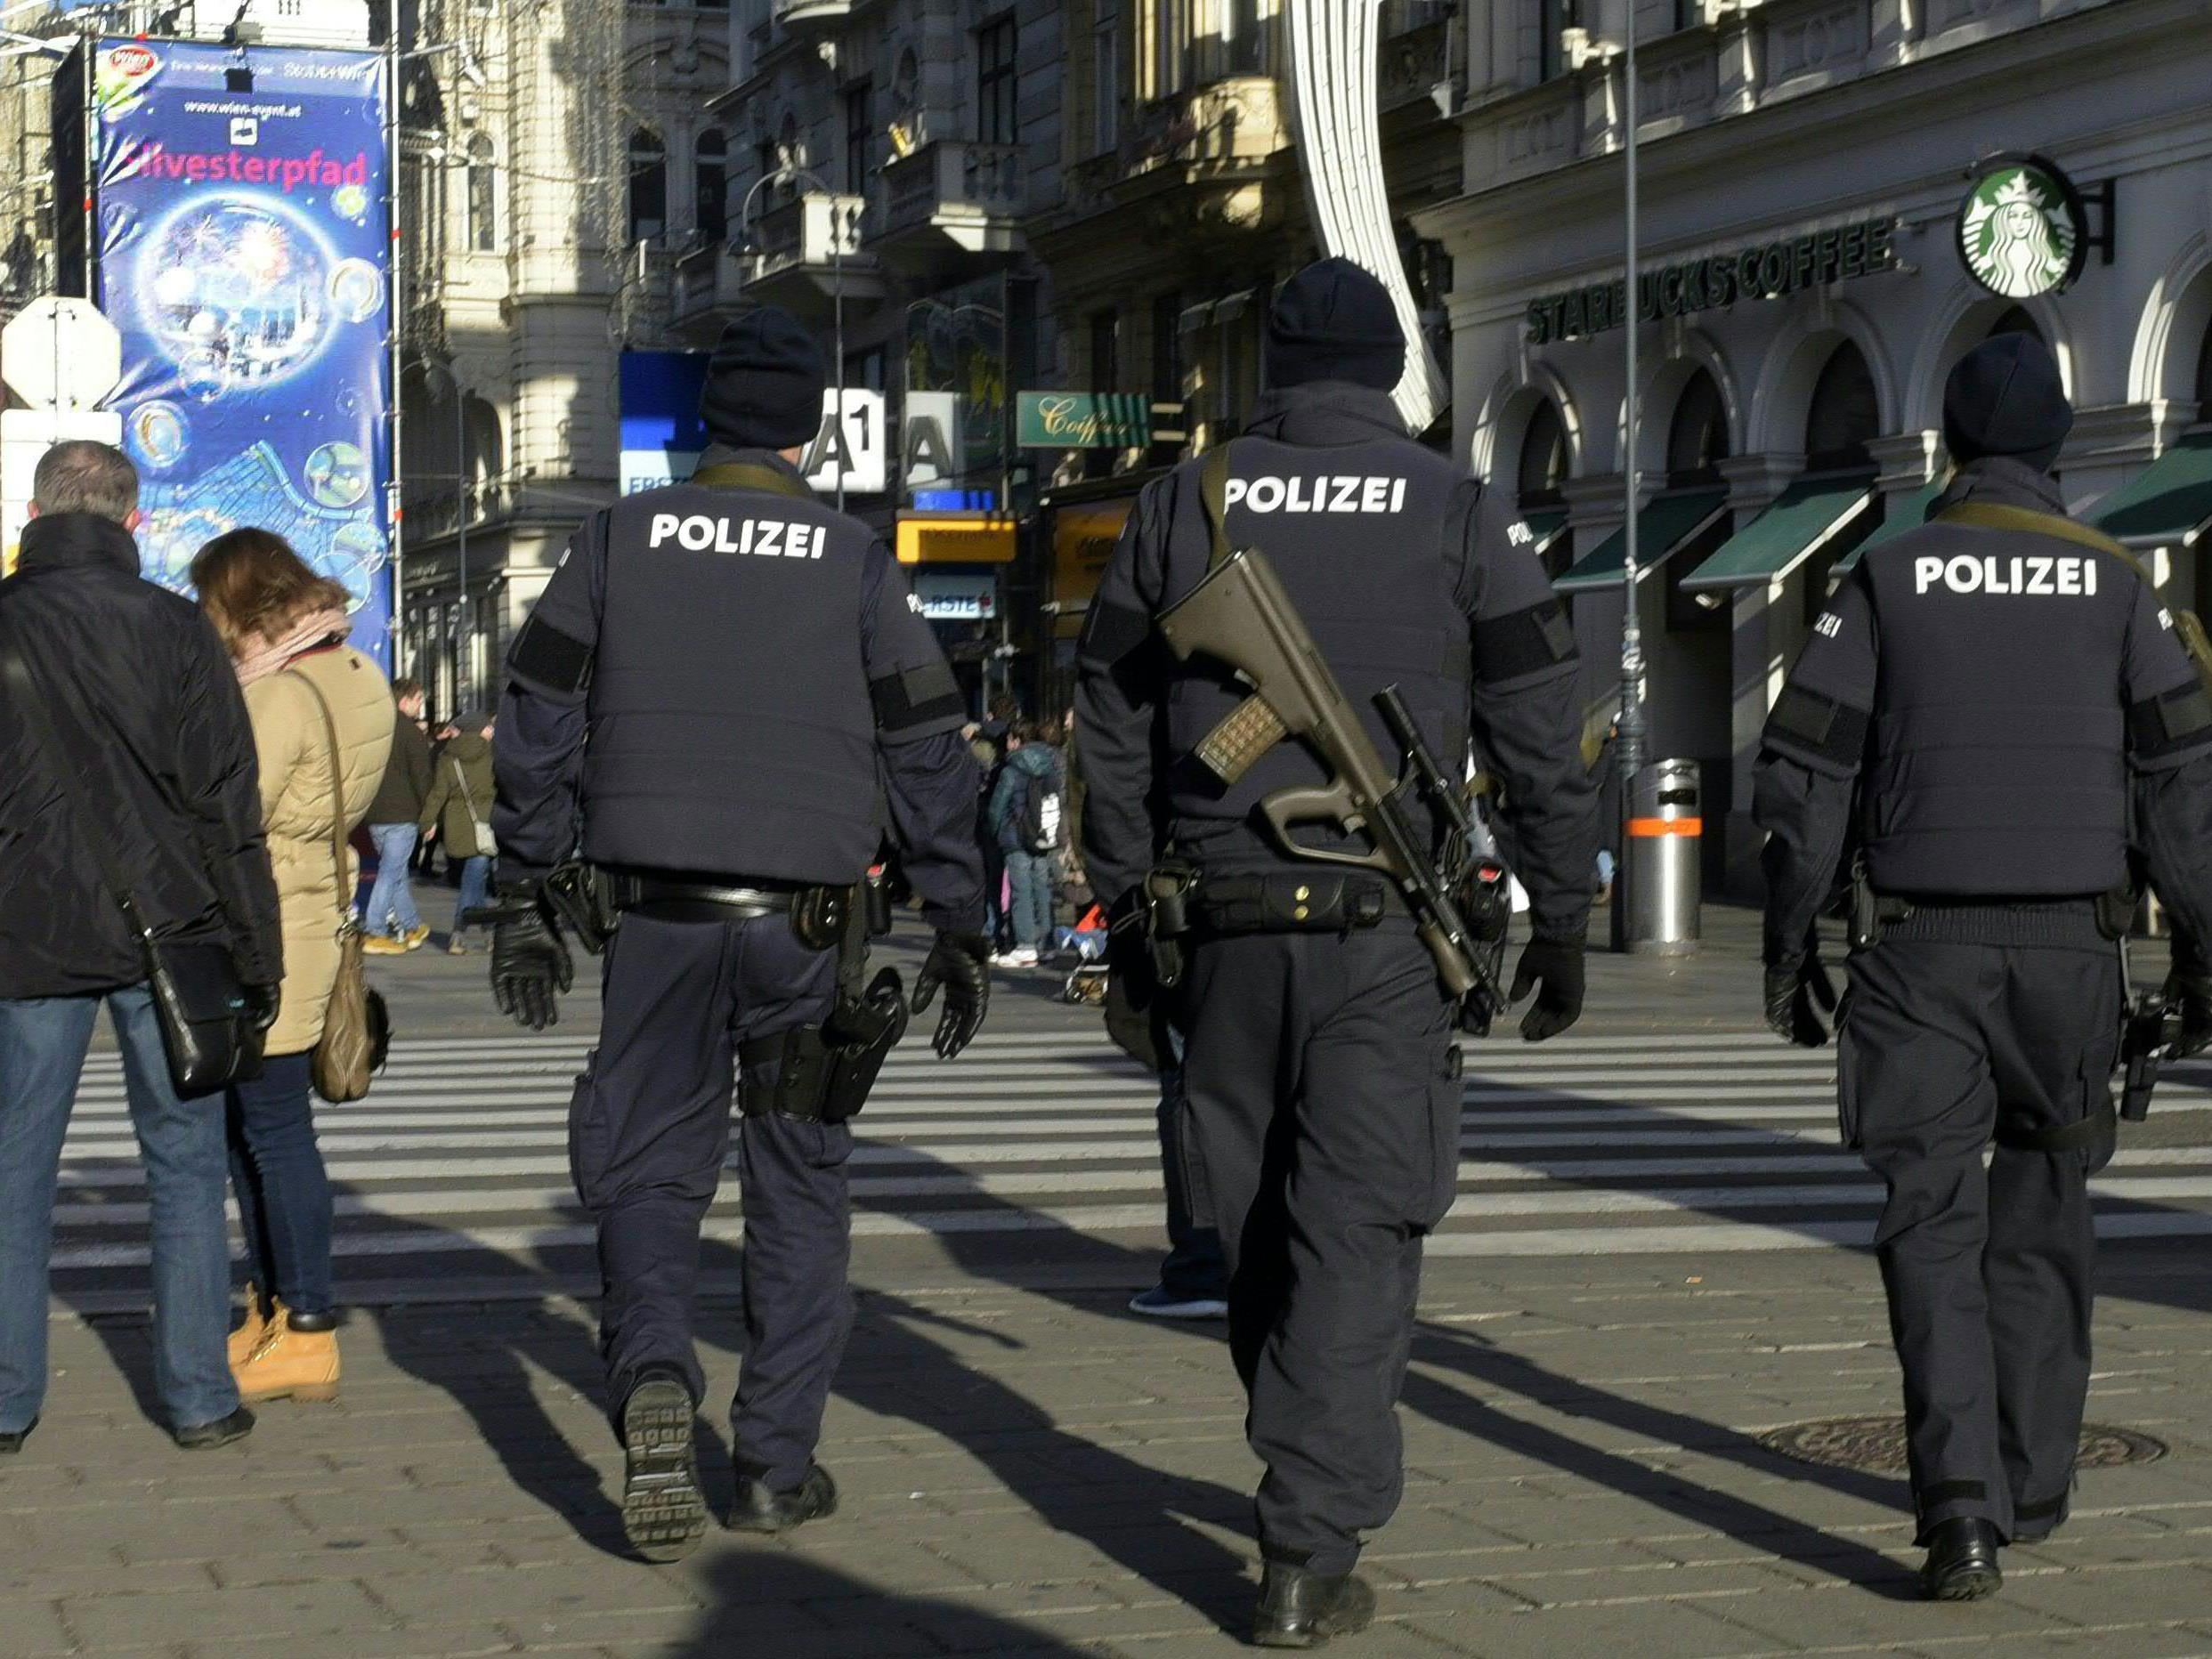 Am traditionellen Silvesterpfad in der Wiener Innenstadt wird auch die Exekutive wieder vielfach im Einsatz sein